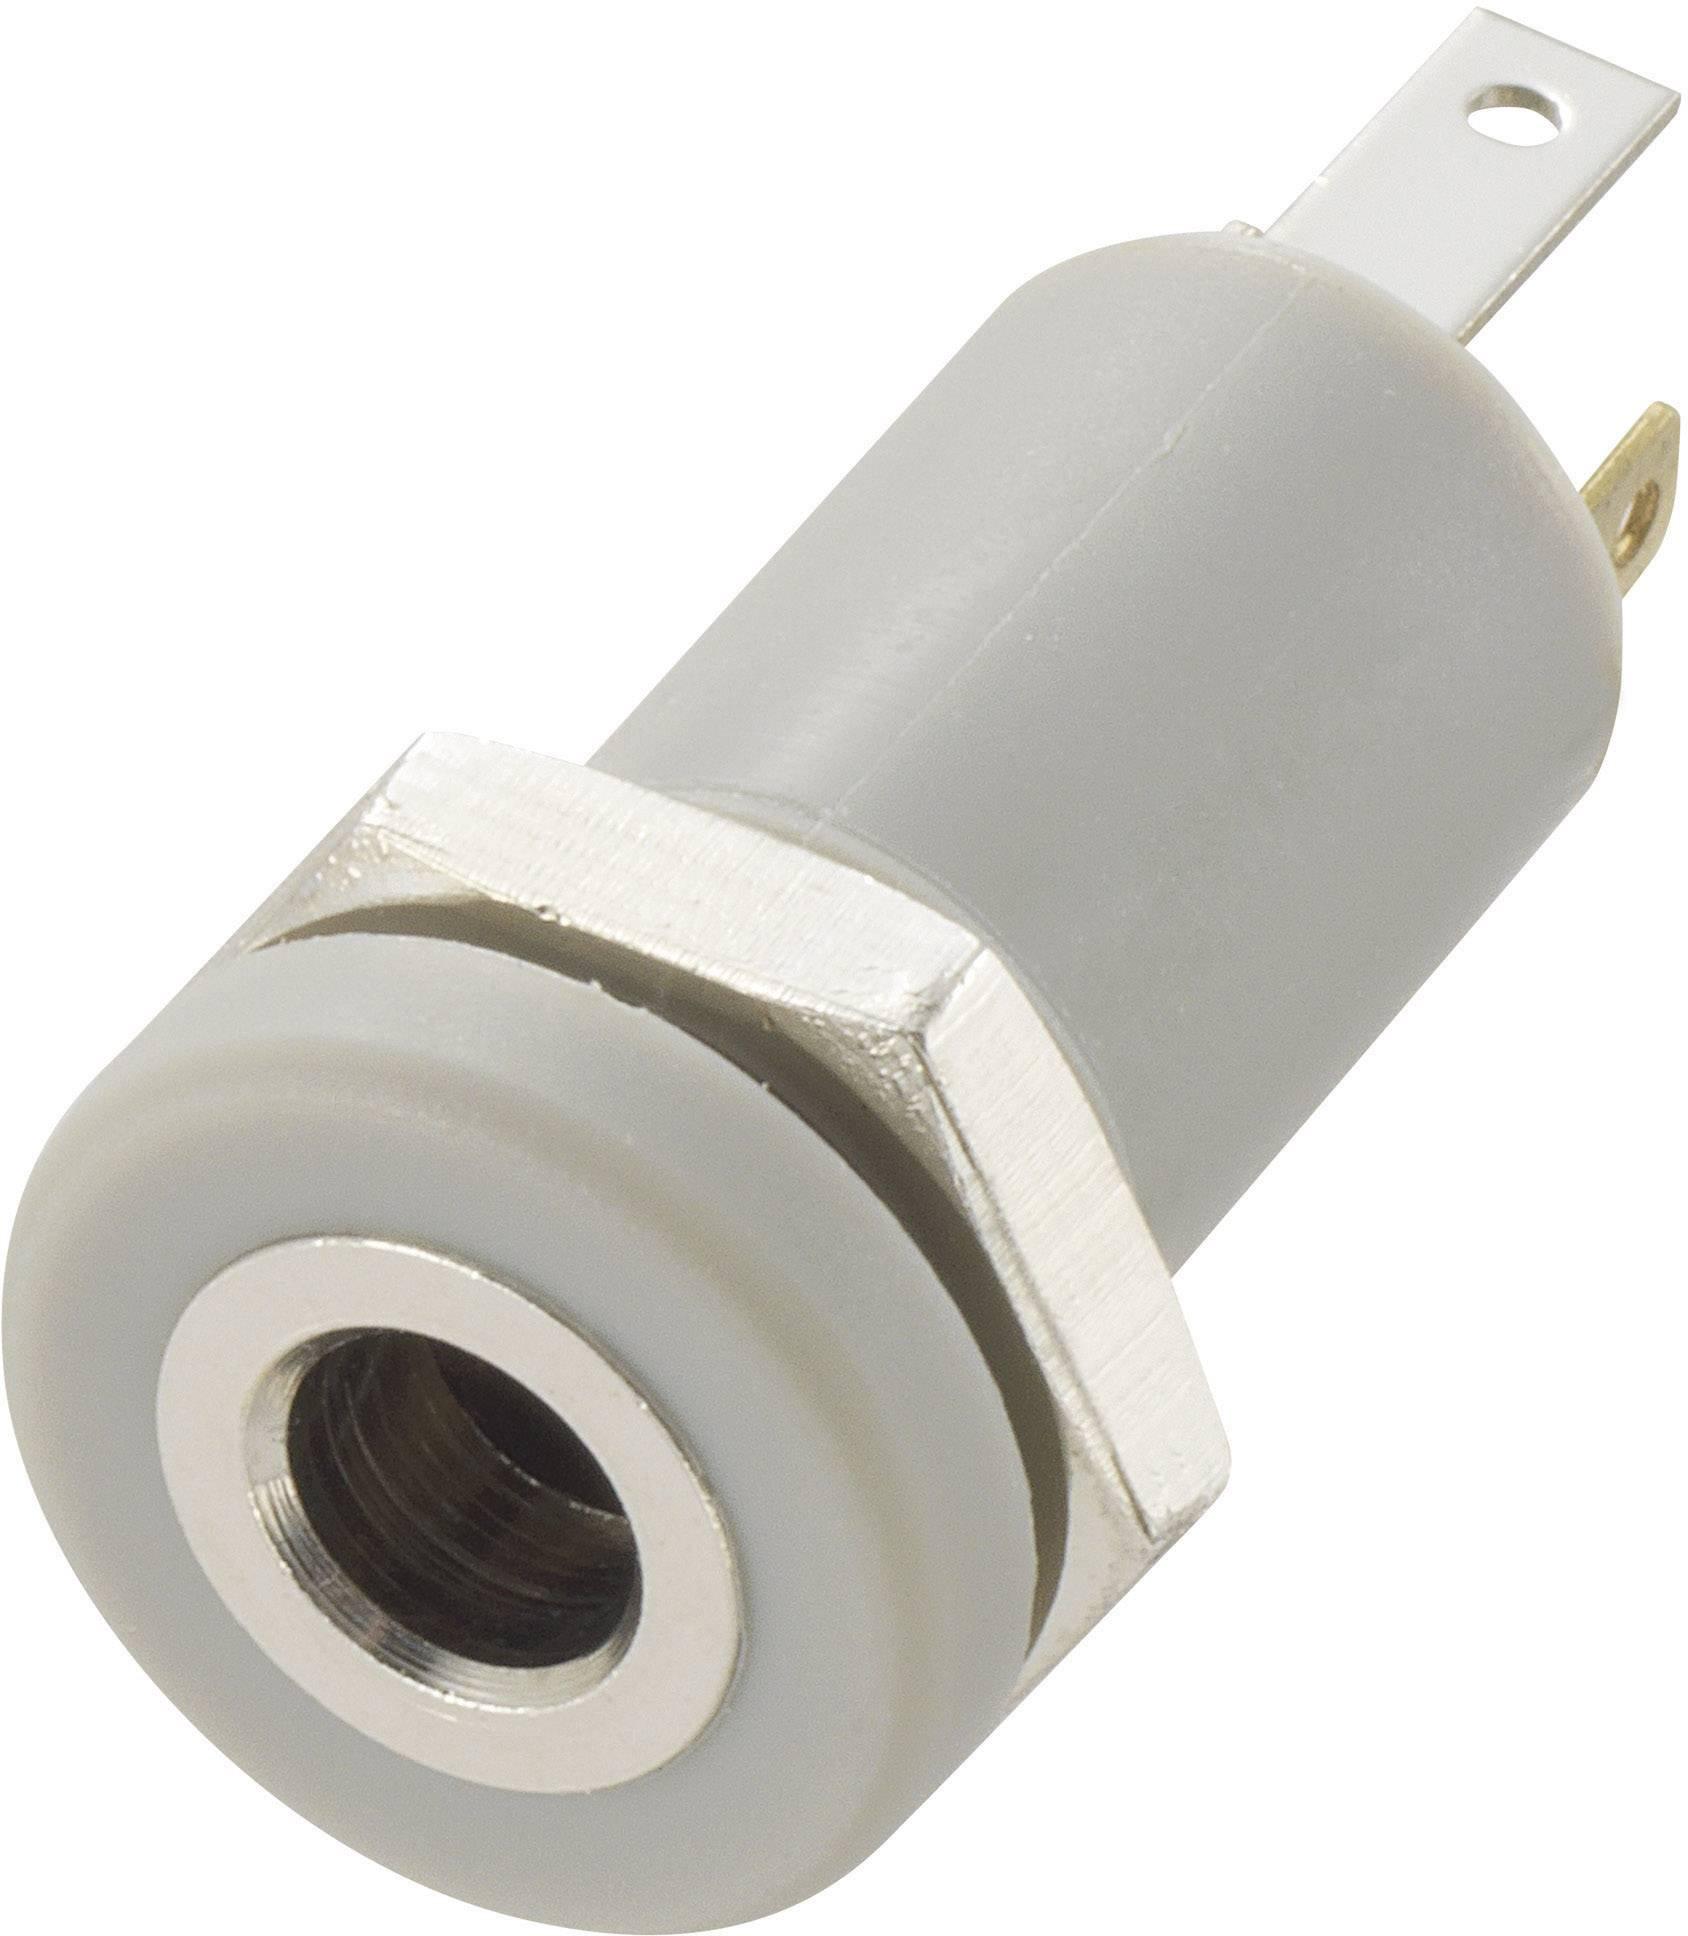 Jack konektor 3.5 mm TRU COMPONENTS stereo zásuvka, vestavná vertikální, pólů 4, stříbrná, 1 ks